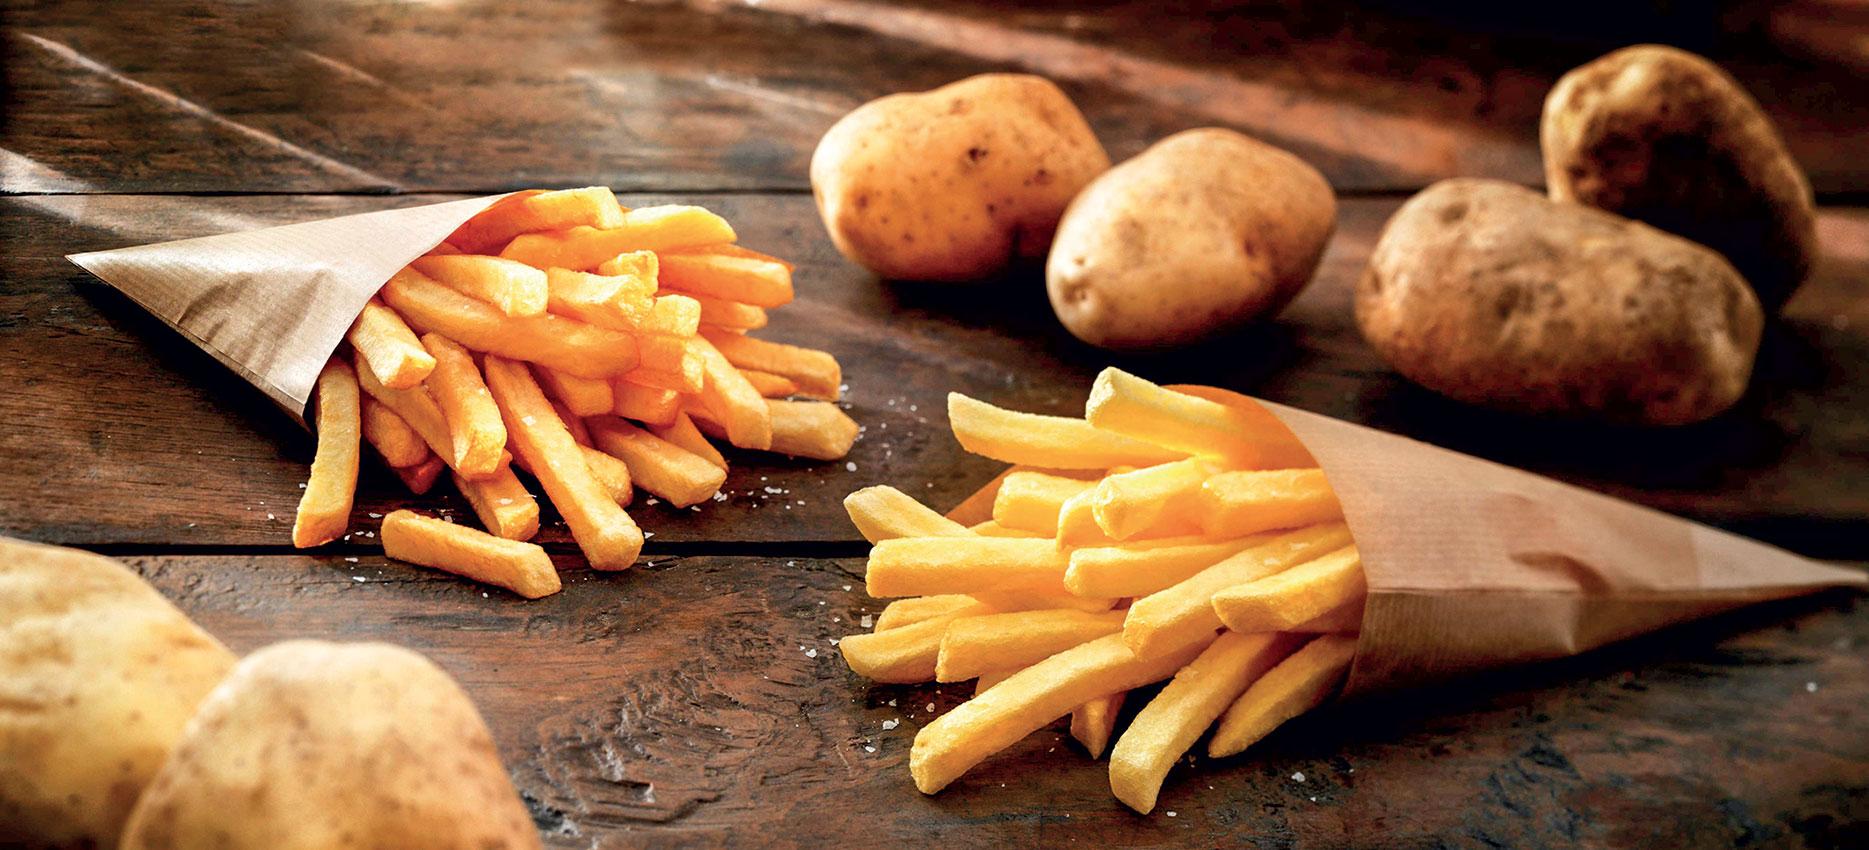 Trattamento Legno Per Uso Alimentare la gestione degli oli vegetali esausti nella ristorazione